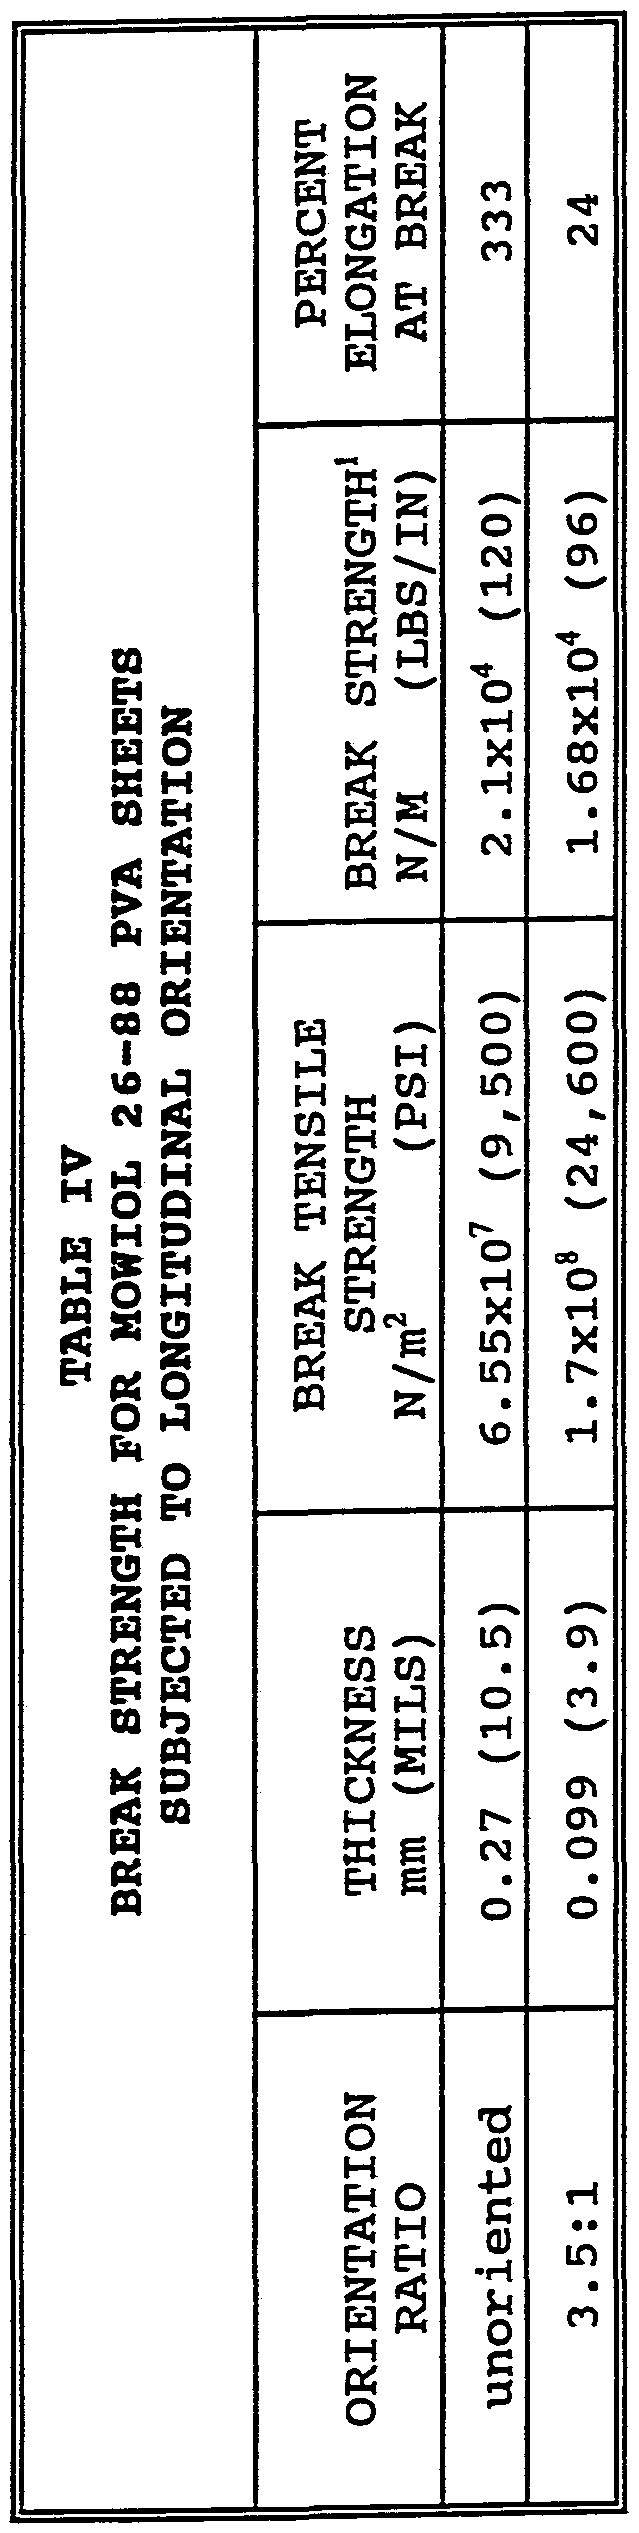 Pva Sheets